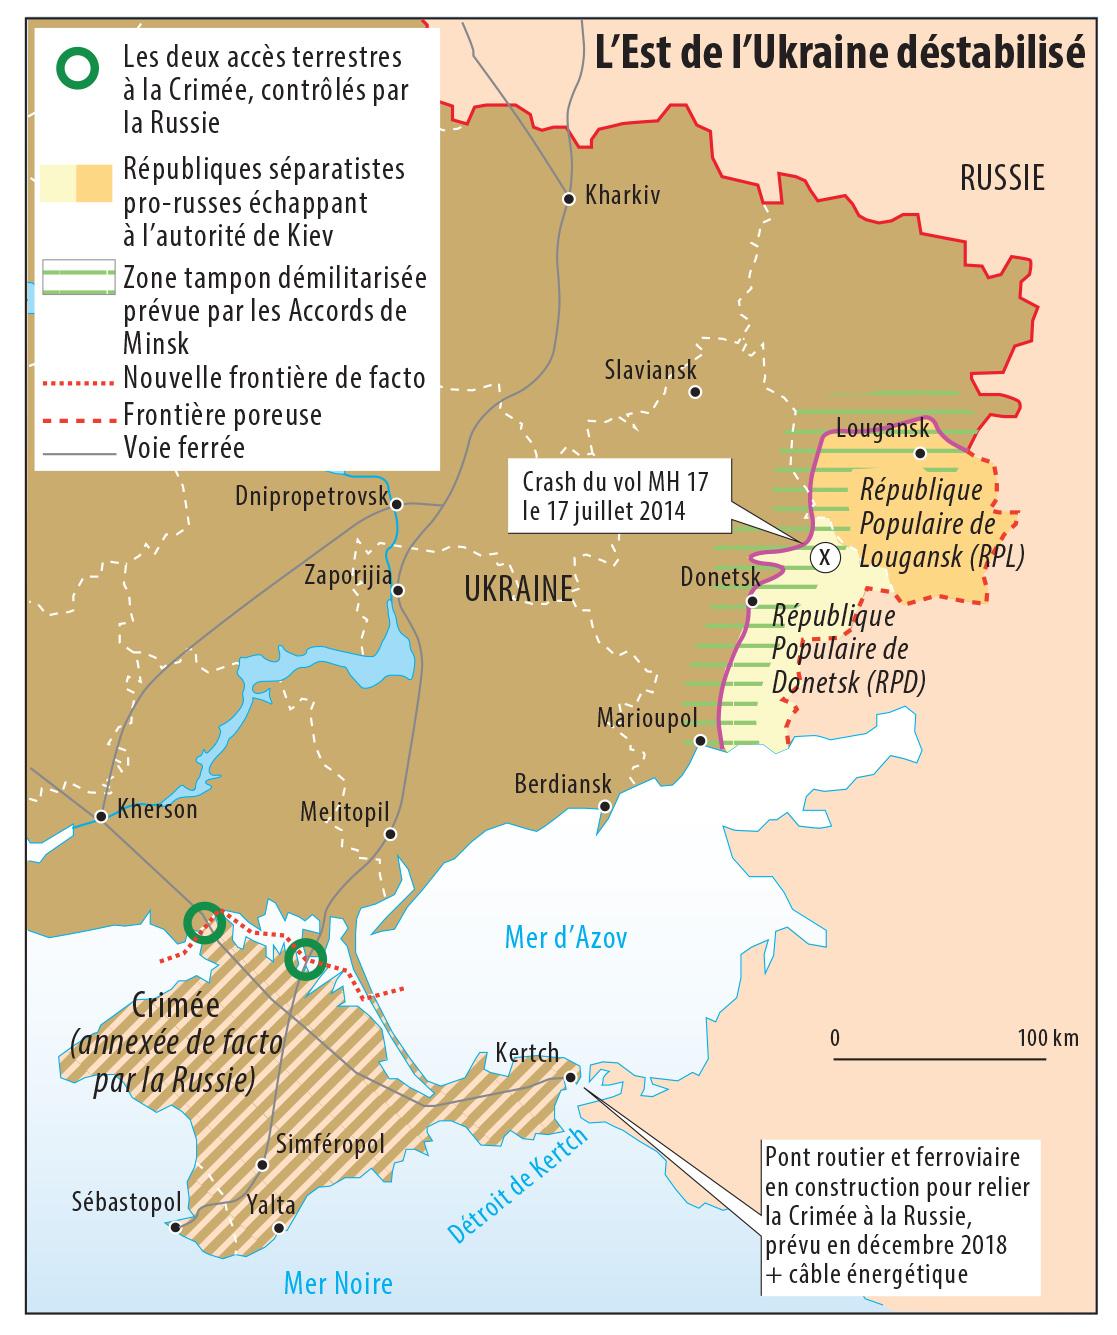 Carte est de l'ukraine destabilisé par la Russie